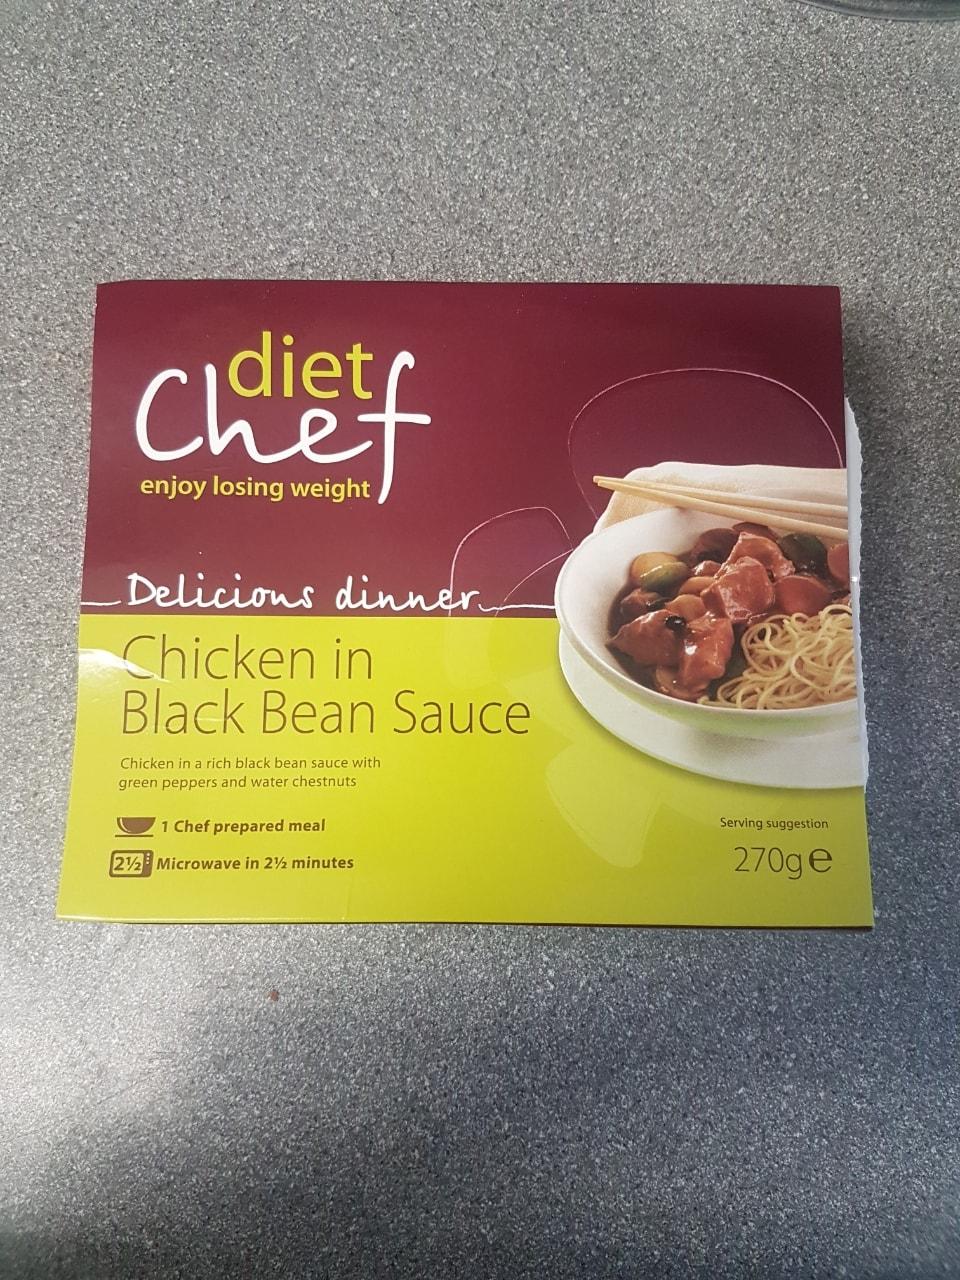 Diet Chef chicken in black bean sauce